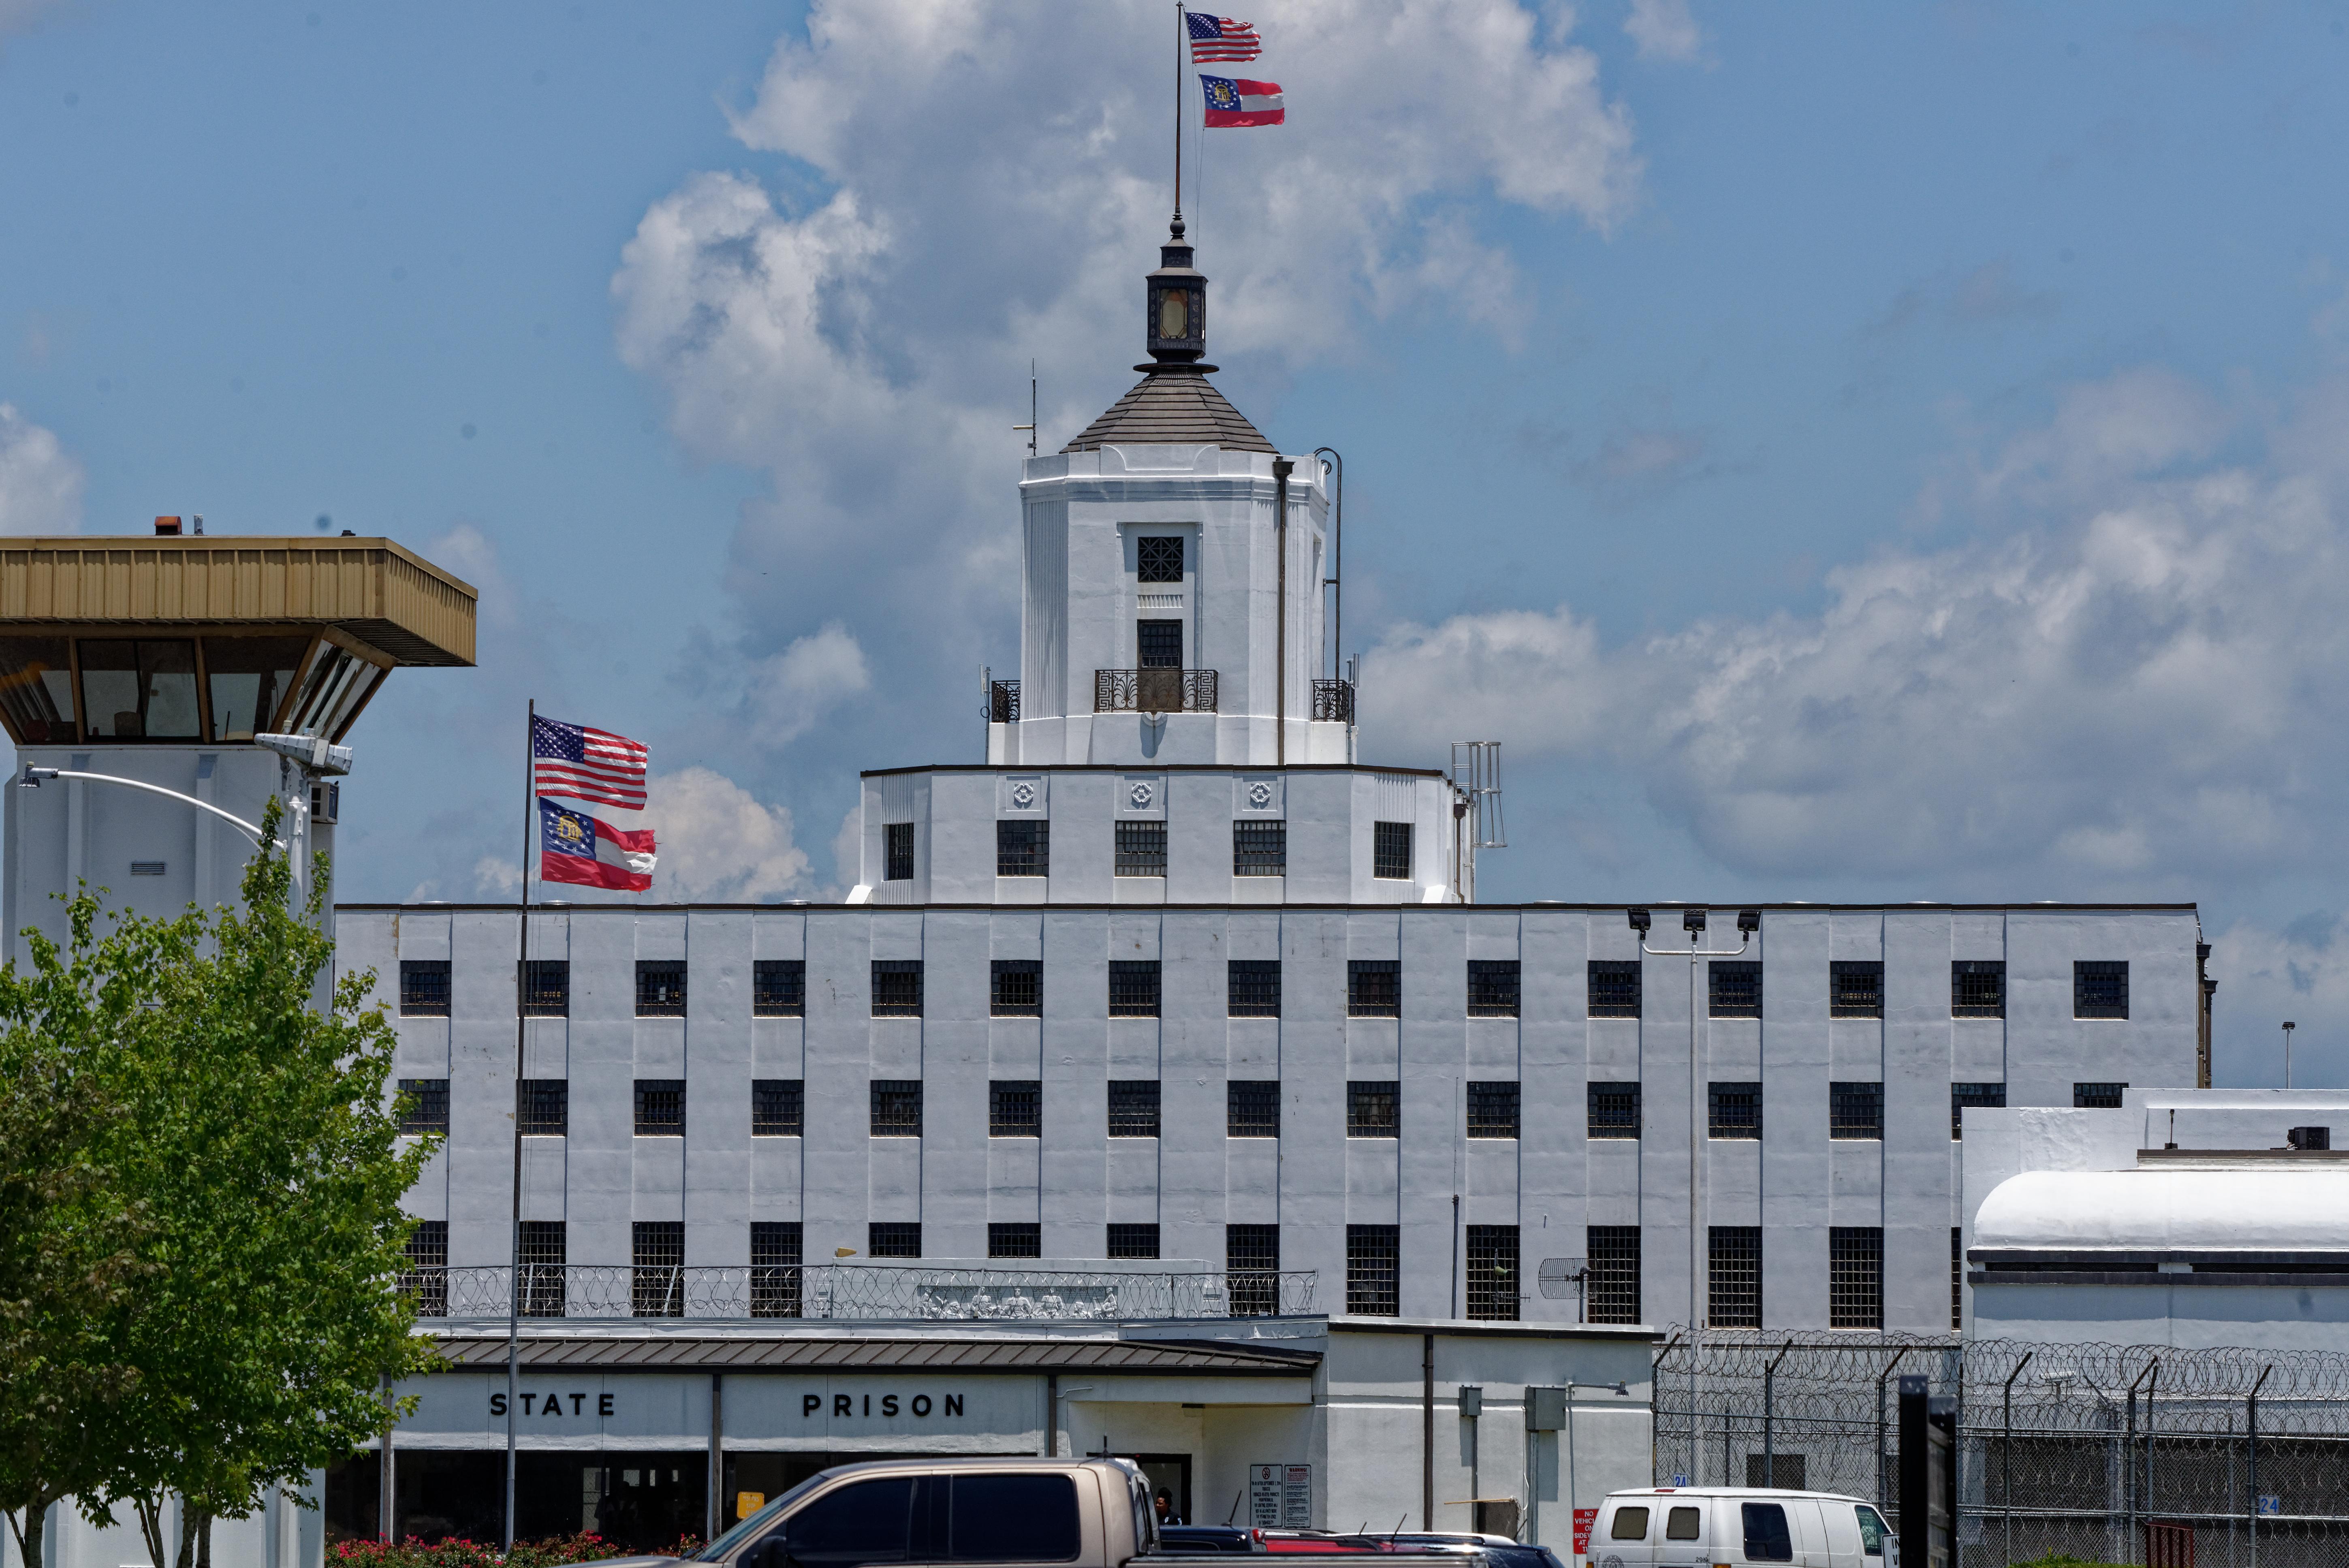 Georgia State Prison - Wikipedia